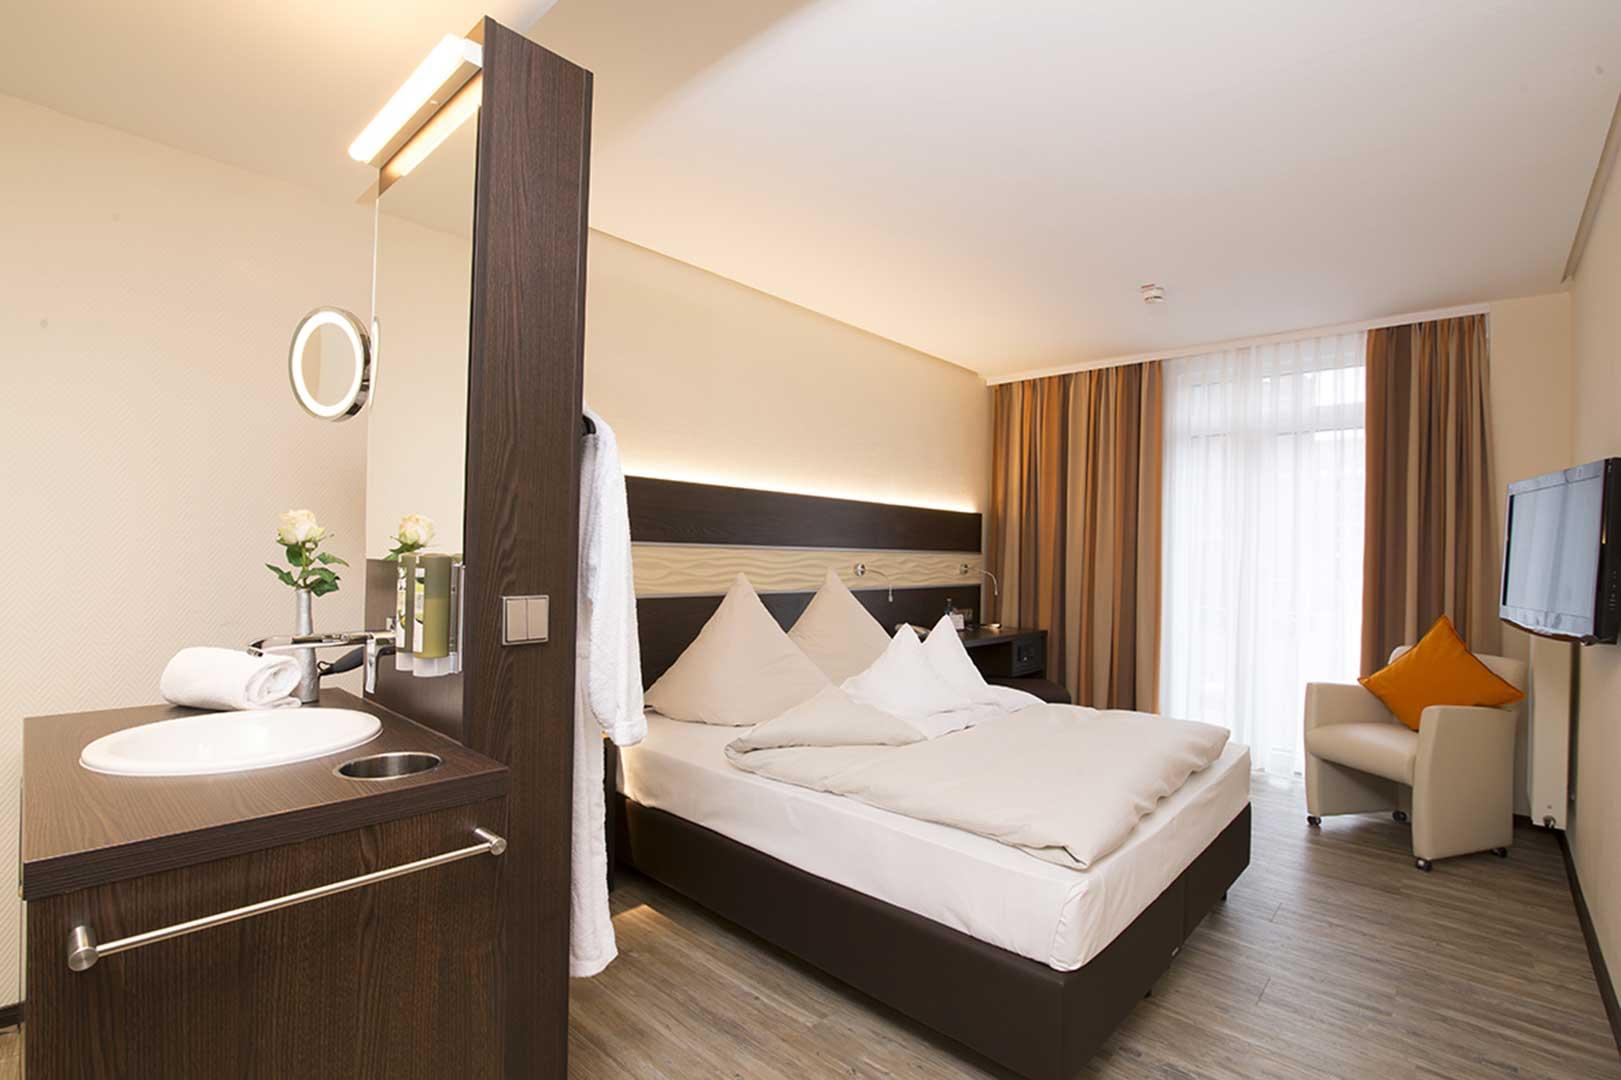 Zimmer Ausstattung Concorde Hotel Am Leineschloss